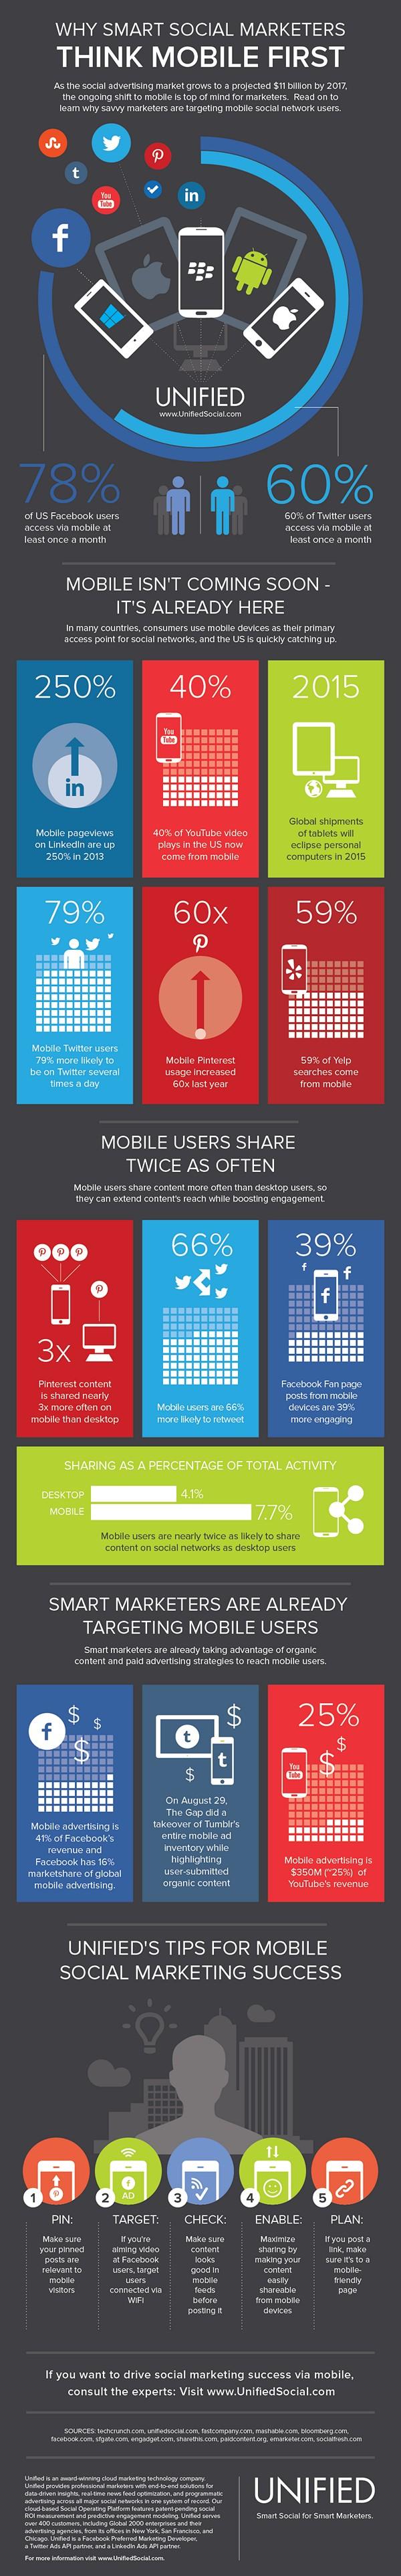 Инфографика: социальные рекламодатели идут на мобильную платформу